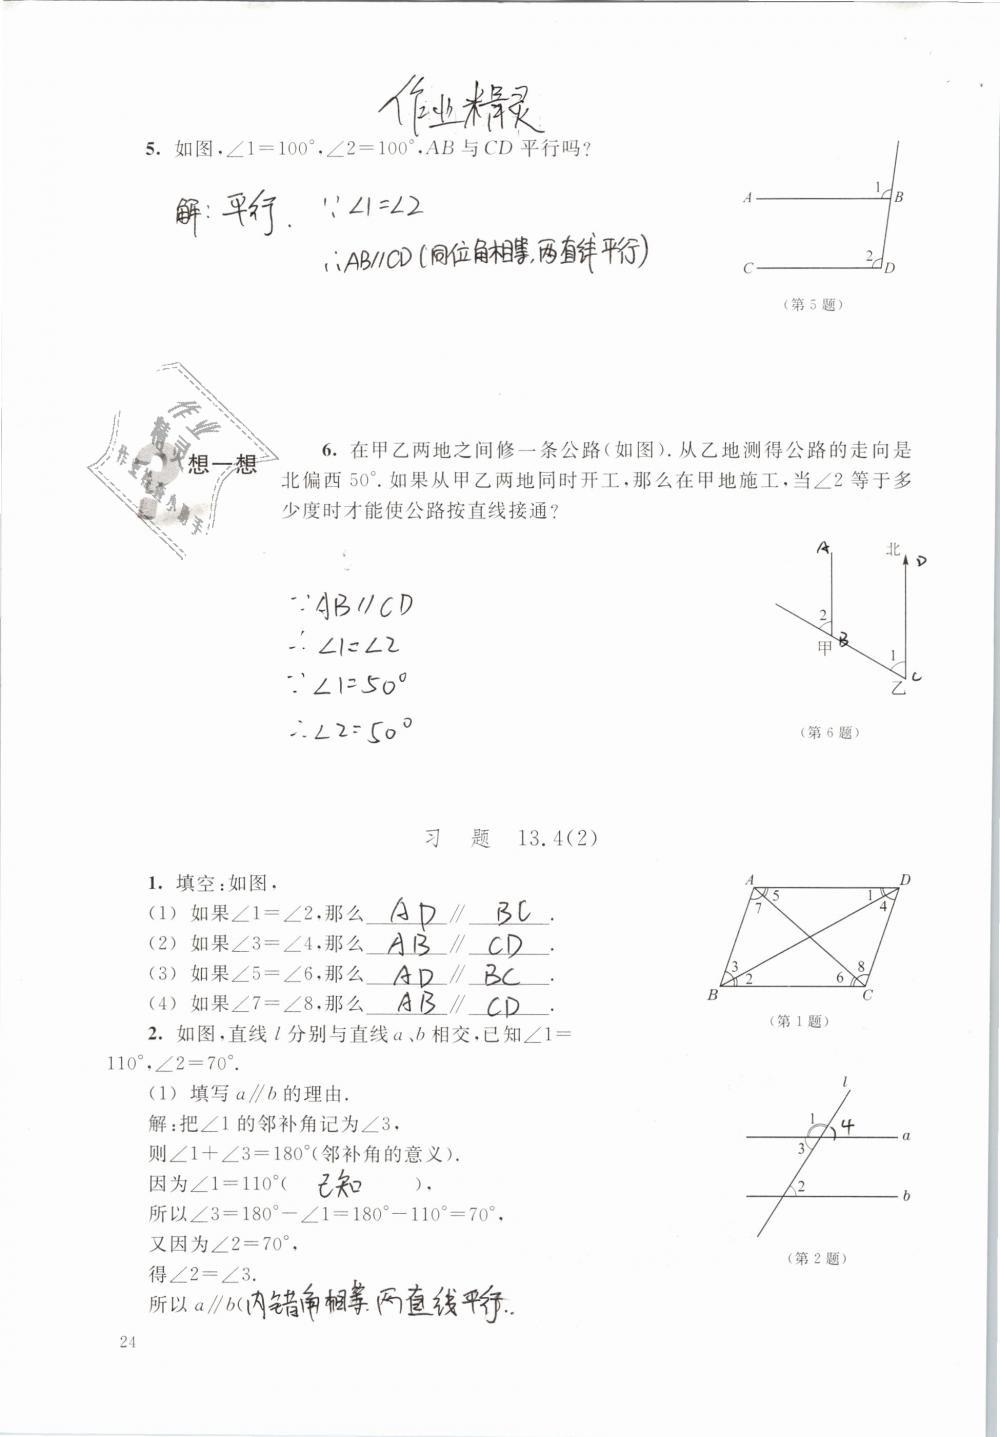 2019年数学练习部分七年级第二学期第24页